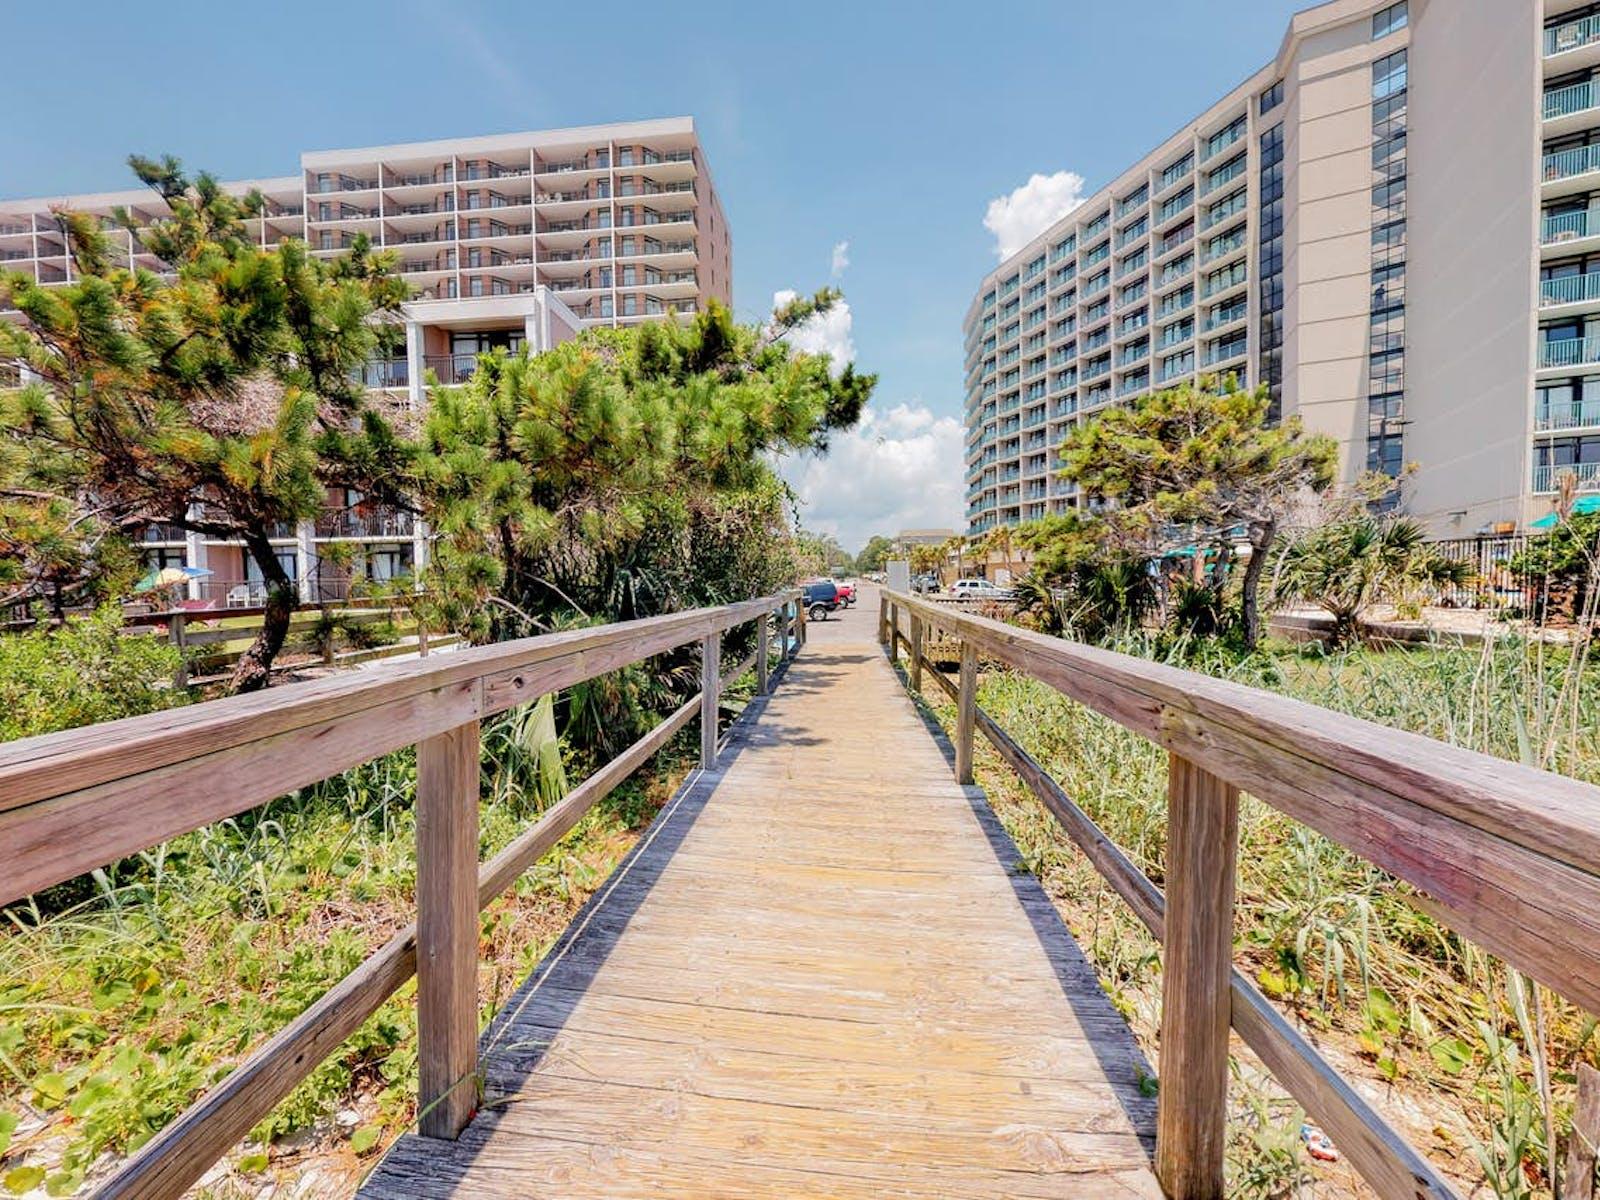 myrtle beach boardwalk to the beach